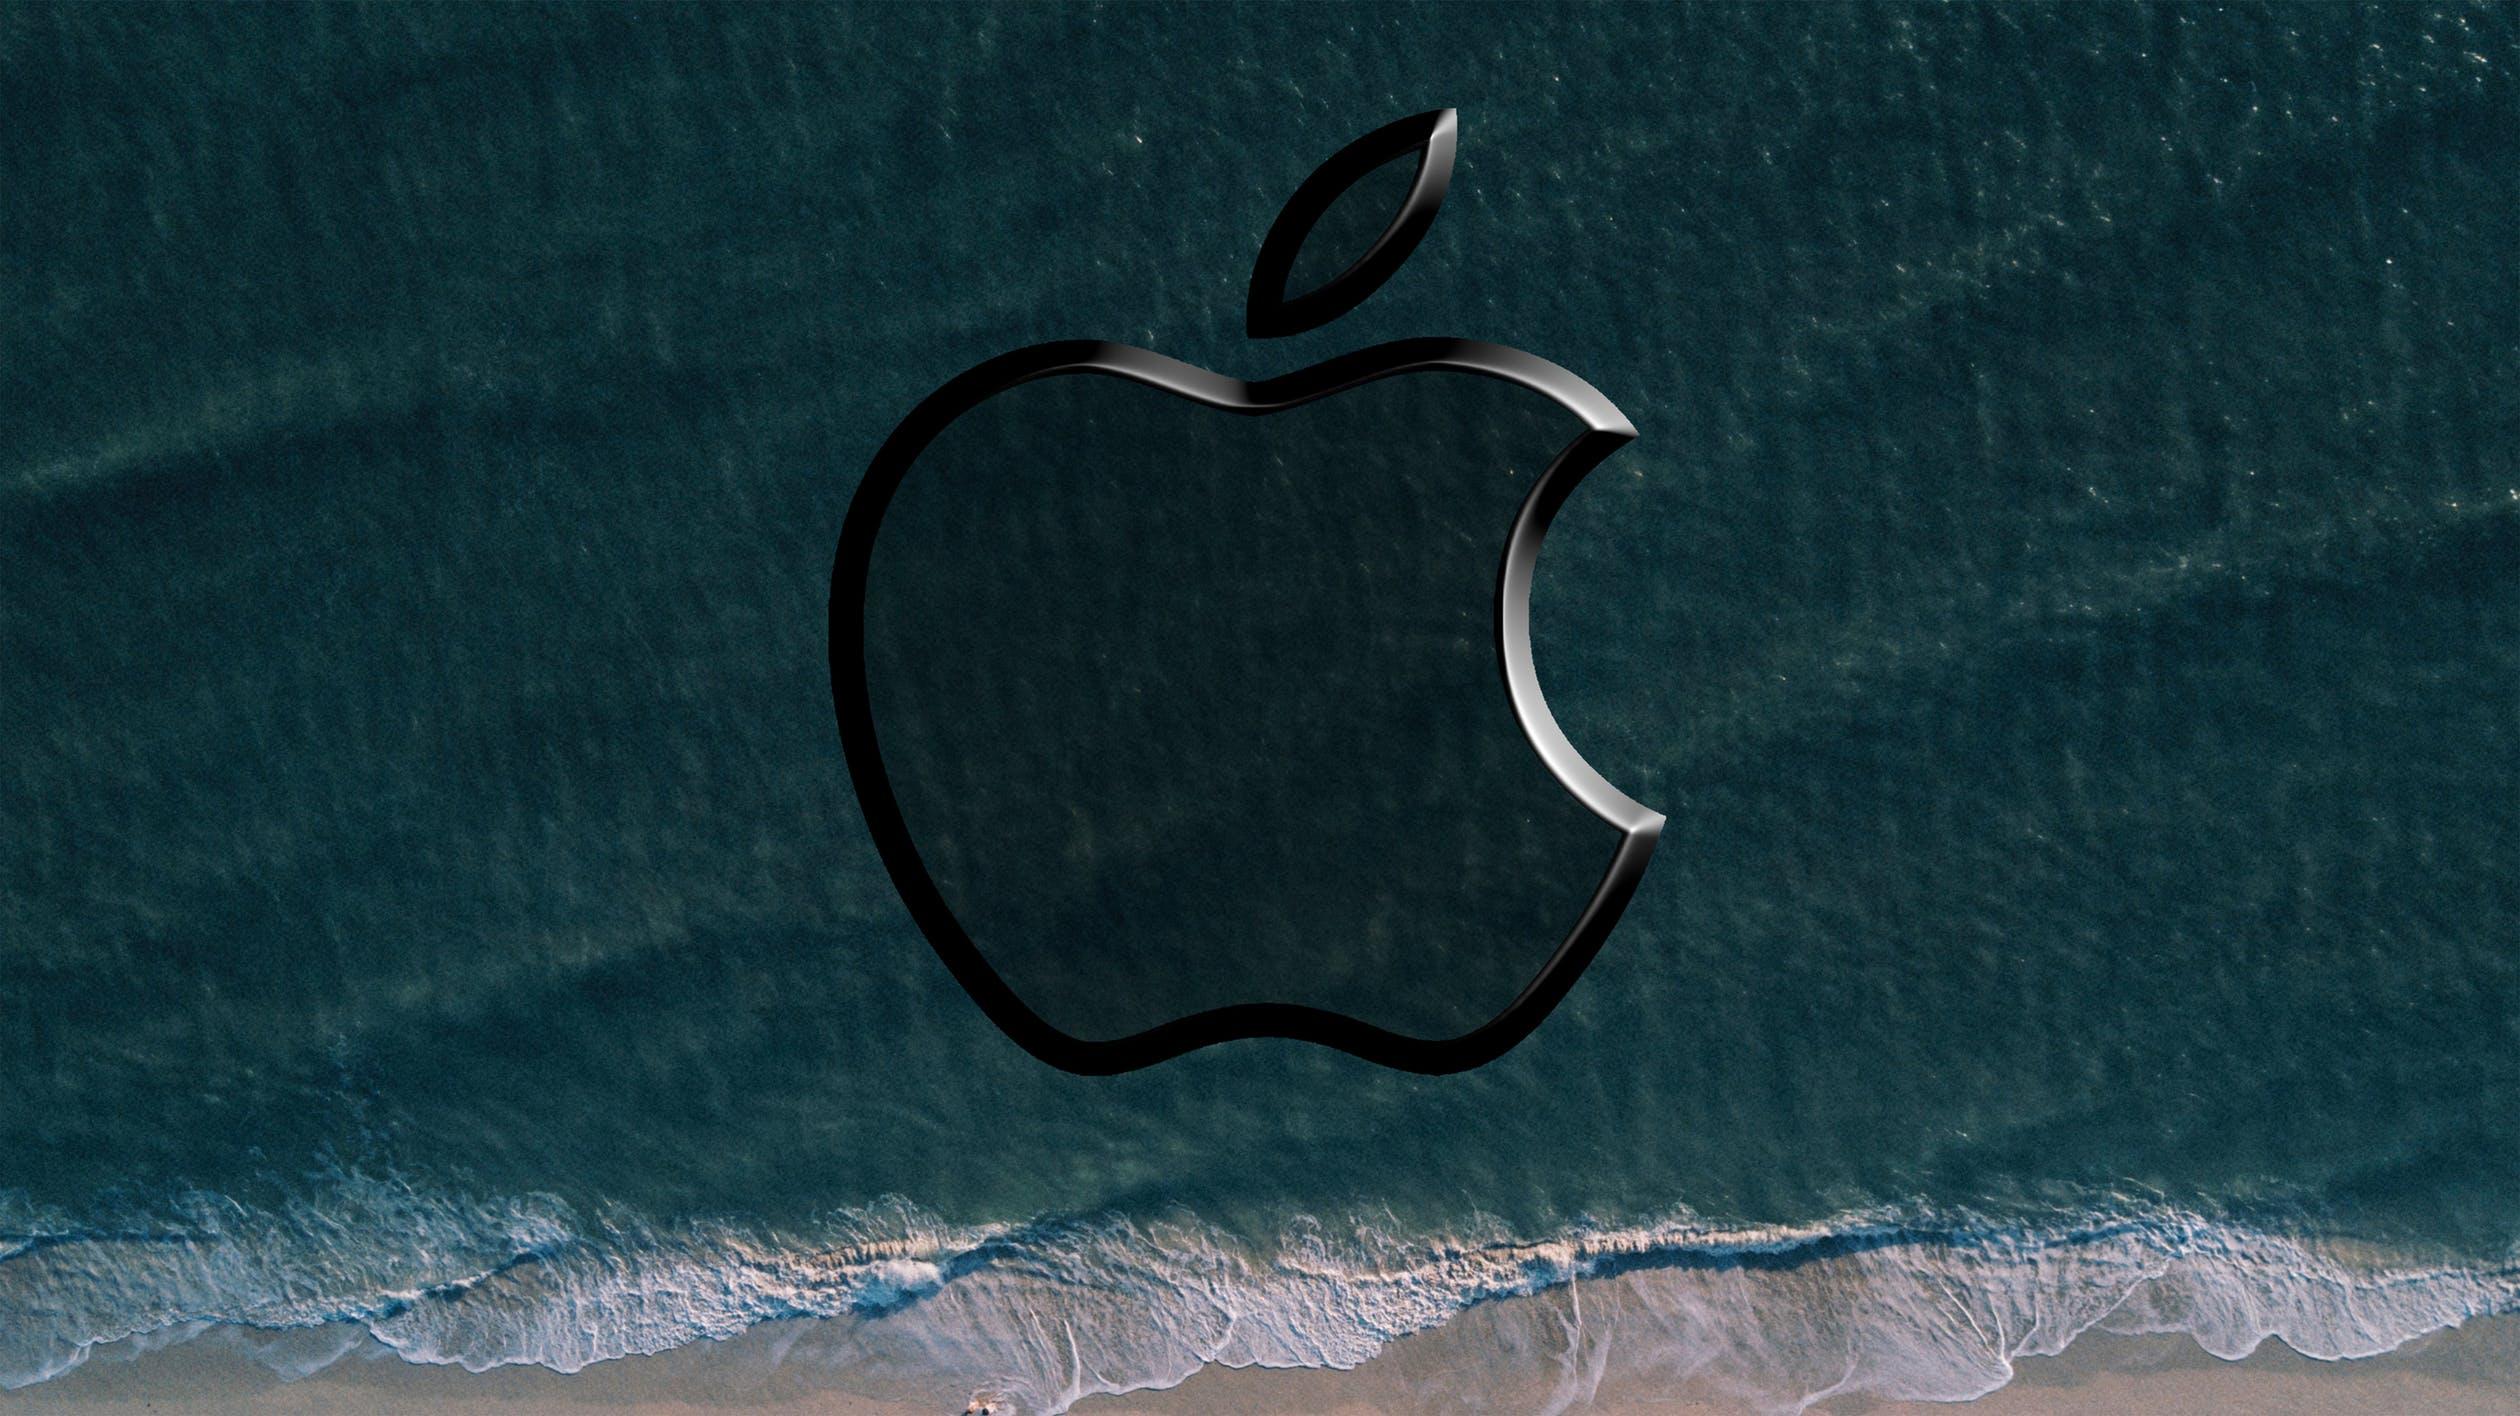 Эксперты: Подешевевшие iPhone 11 приведут к падению стоимости Android-смартфонов 4G